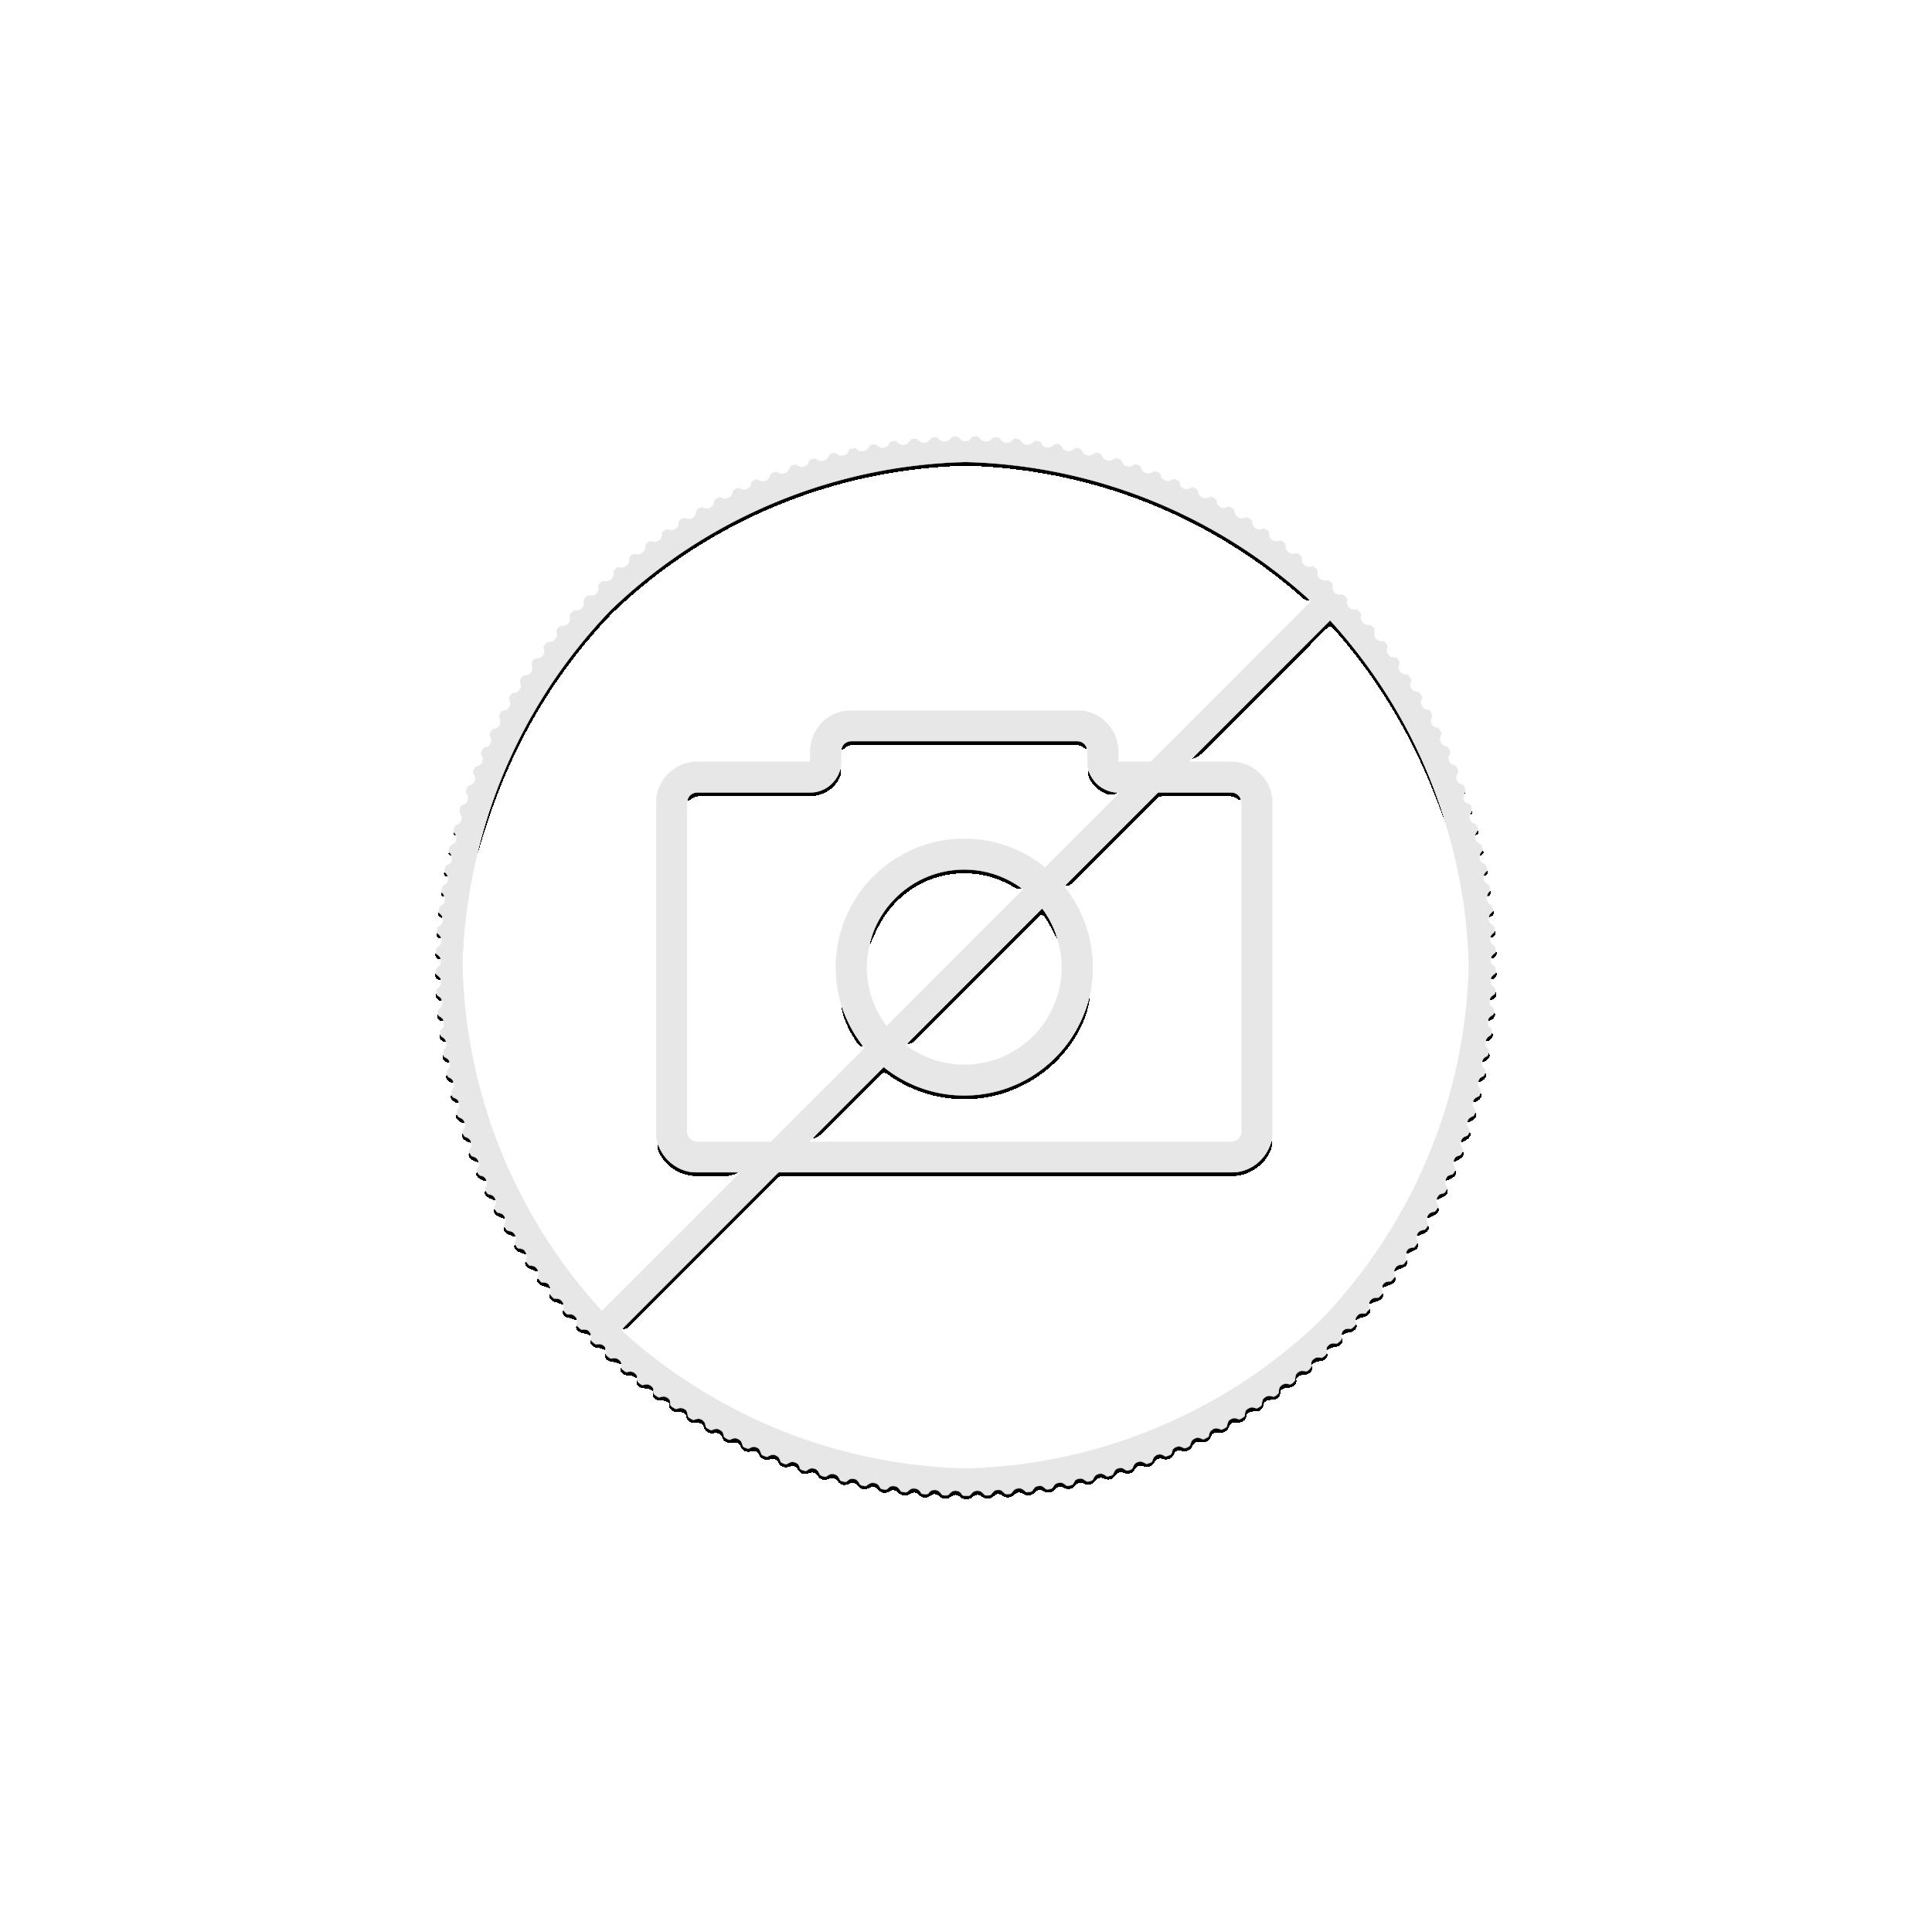 2 troy ounce silver coin Velociraptor 2021